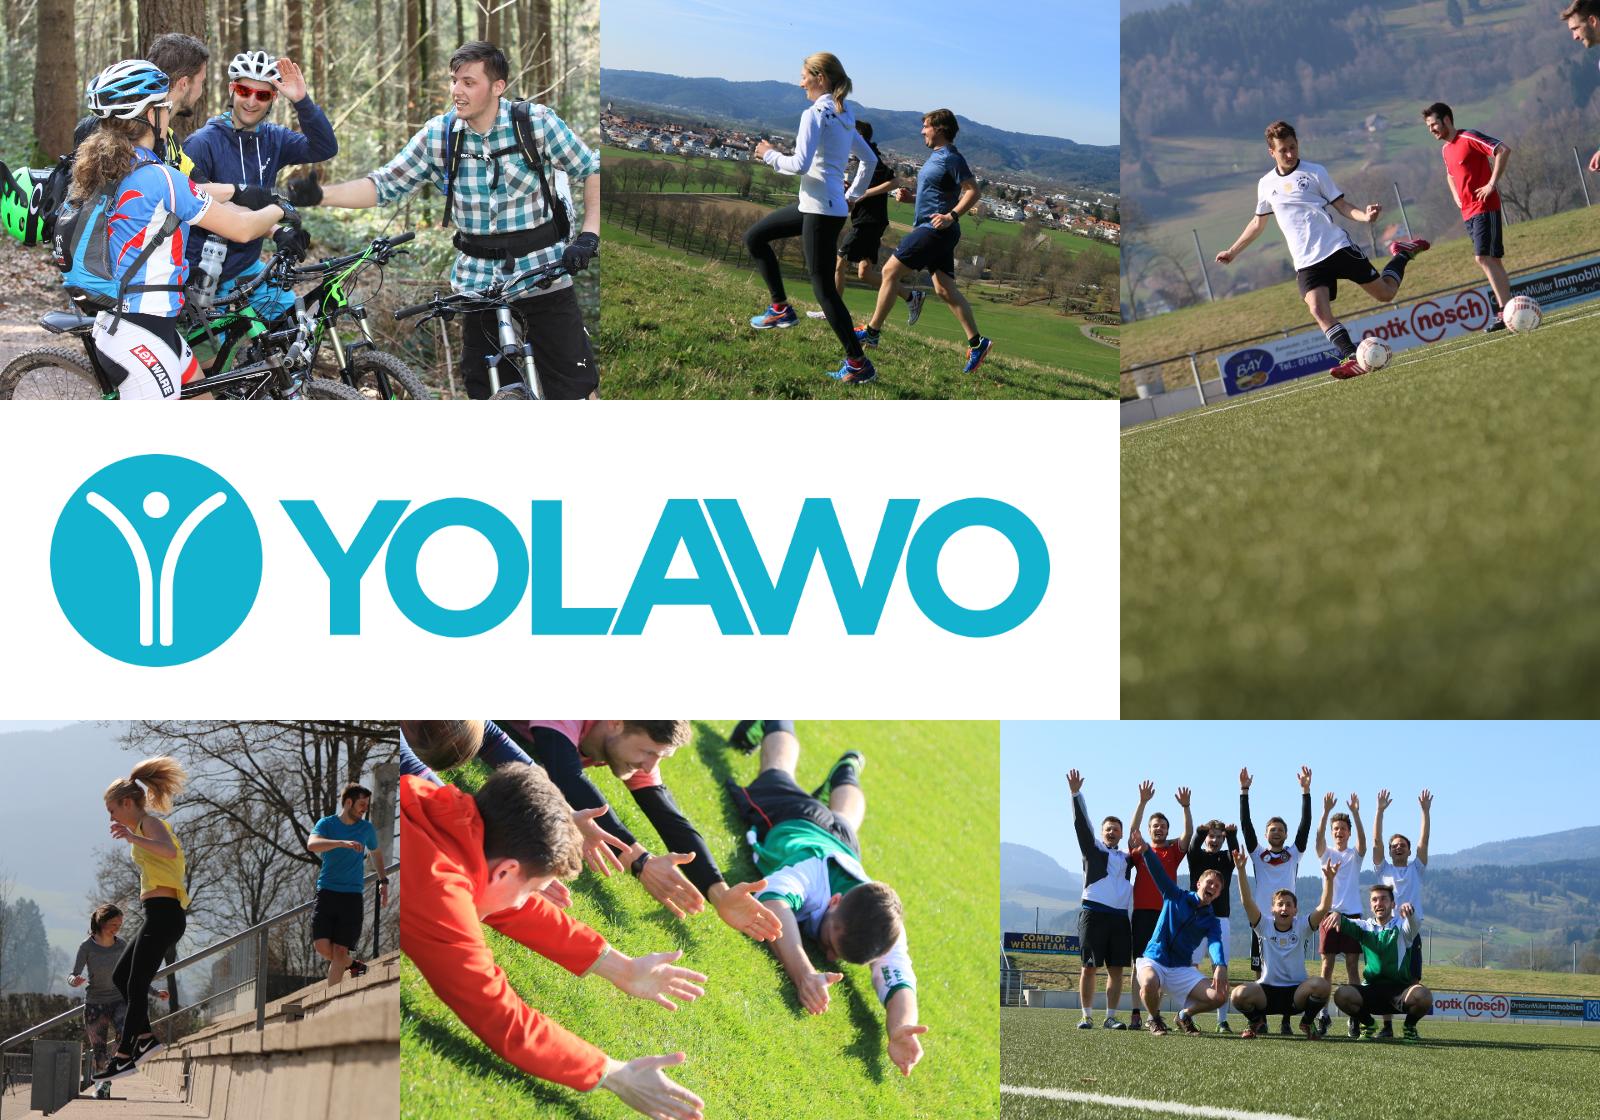 Collage aus Bildern mit Yolawo-Sportaktivitäten und dem Yolawo-Logo